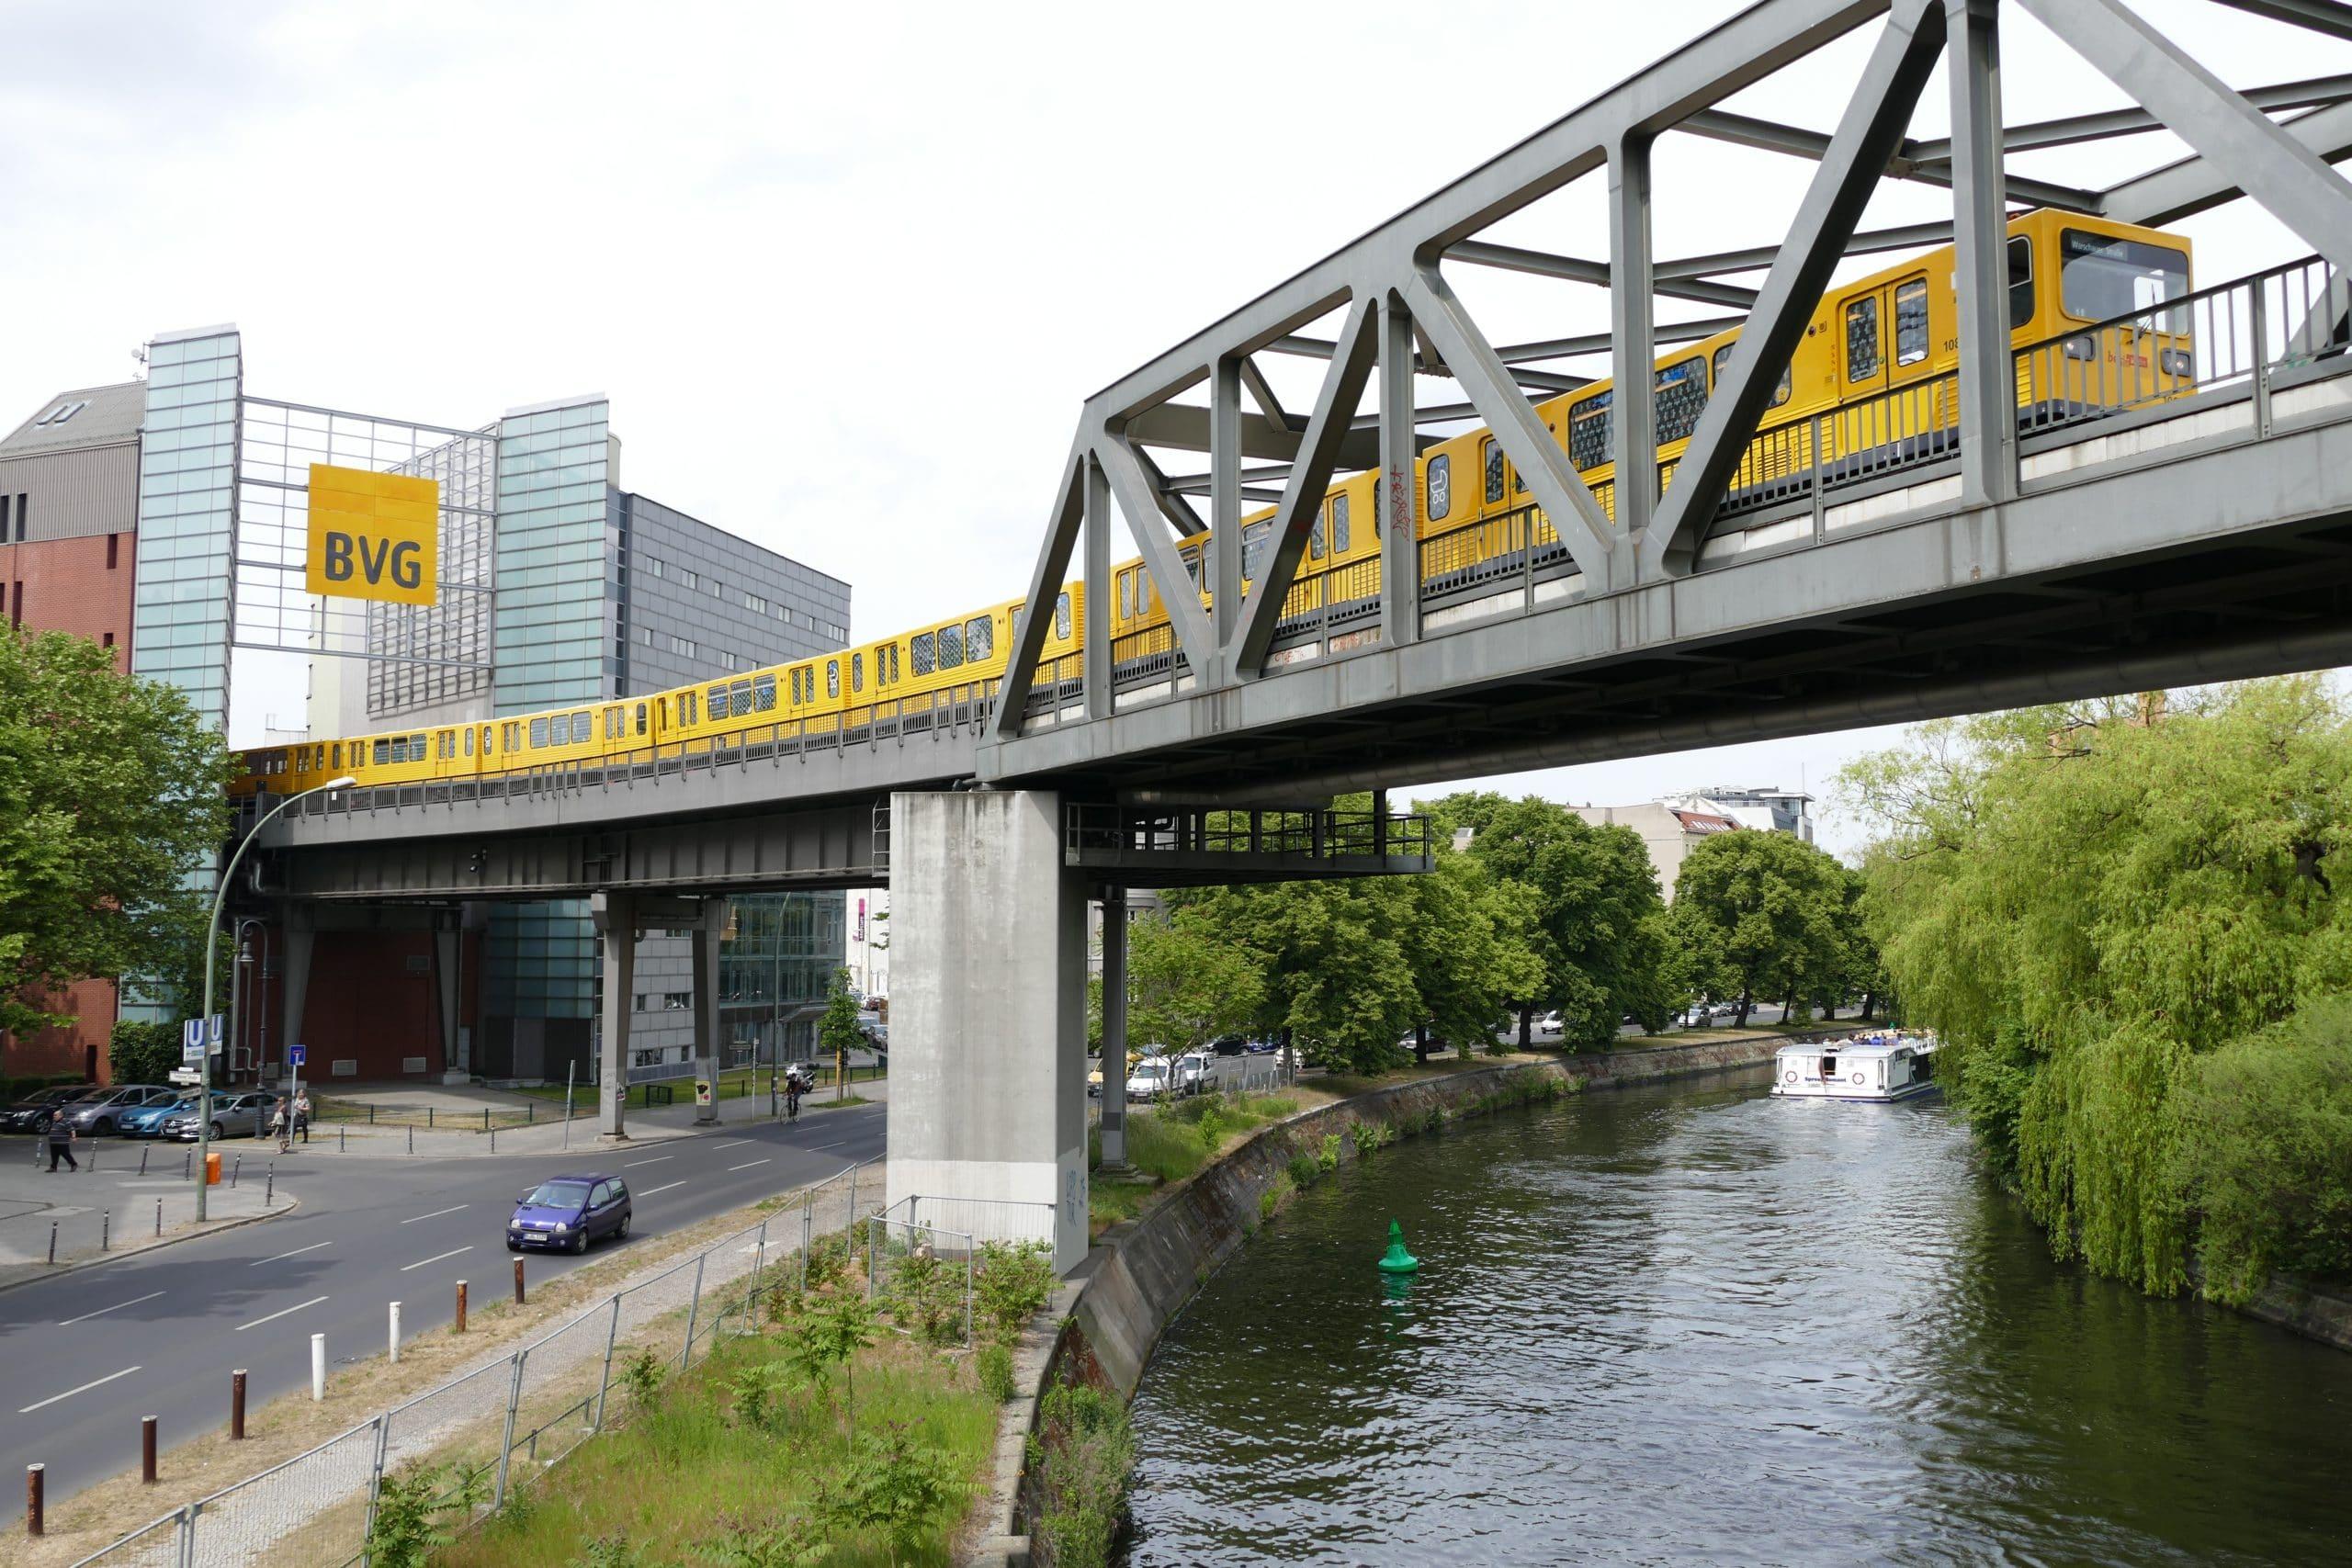 Straßenbahn auf einer Hochbahn in Berlin